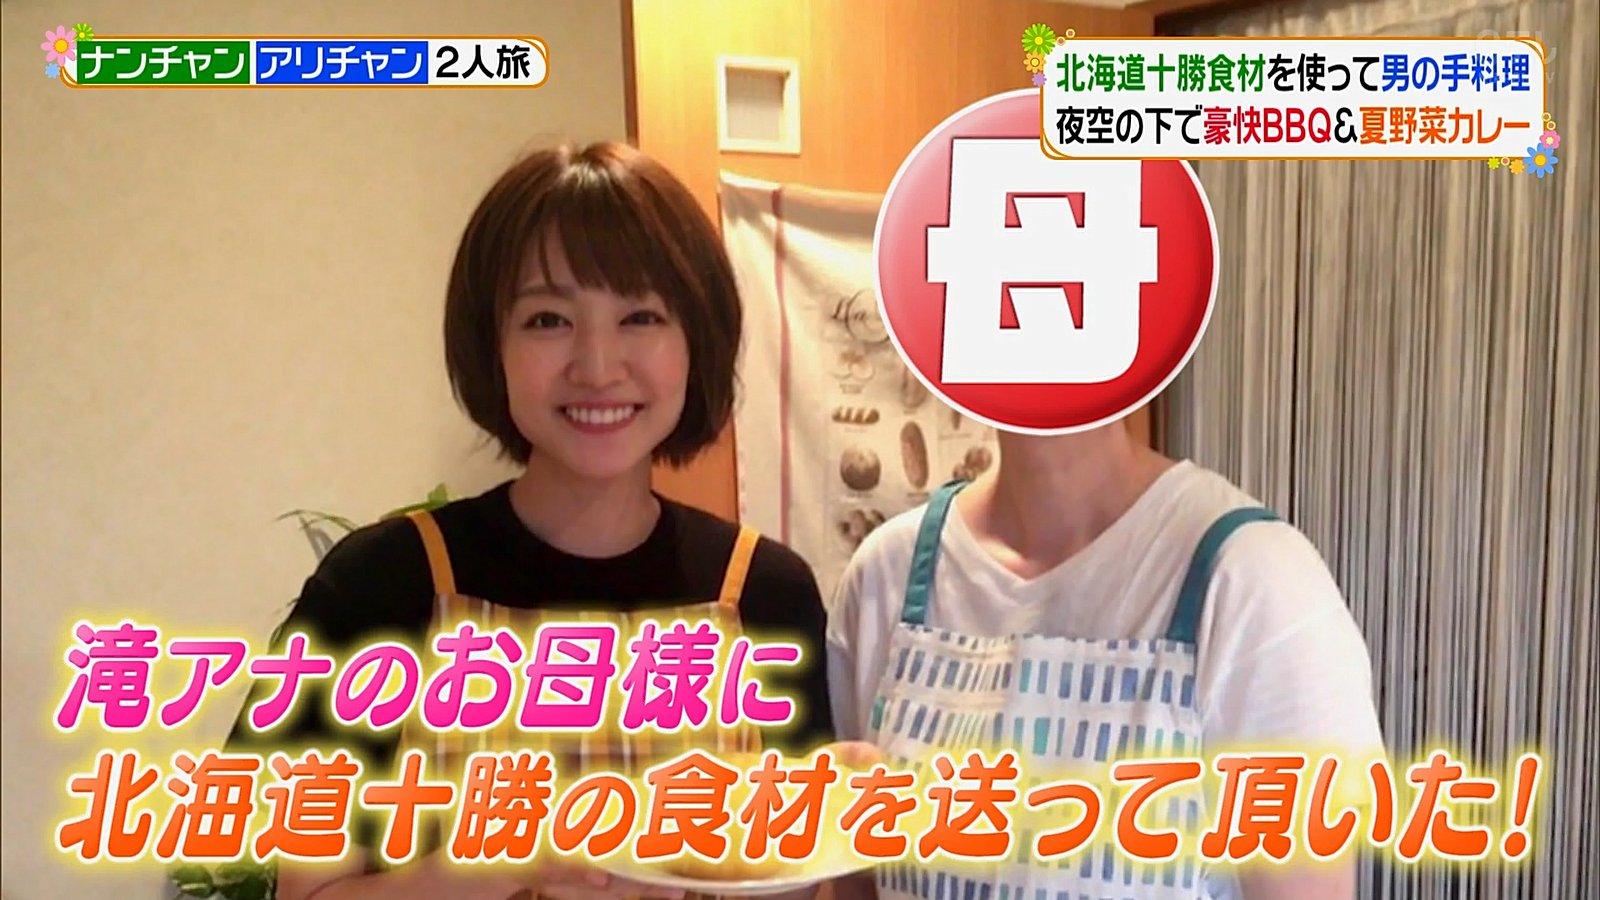 2019年8月9日日本テレビ系列『ヒルナンデス!』滝菜月さんのテレビキャプチャー画像-528